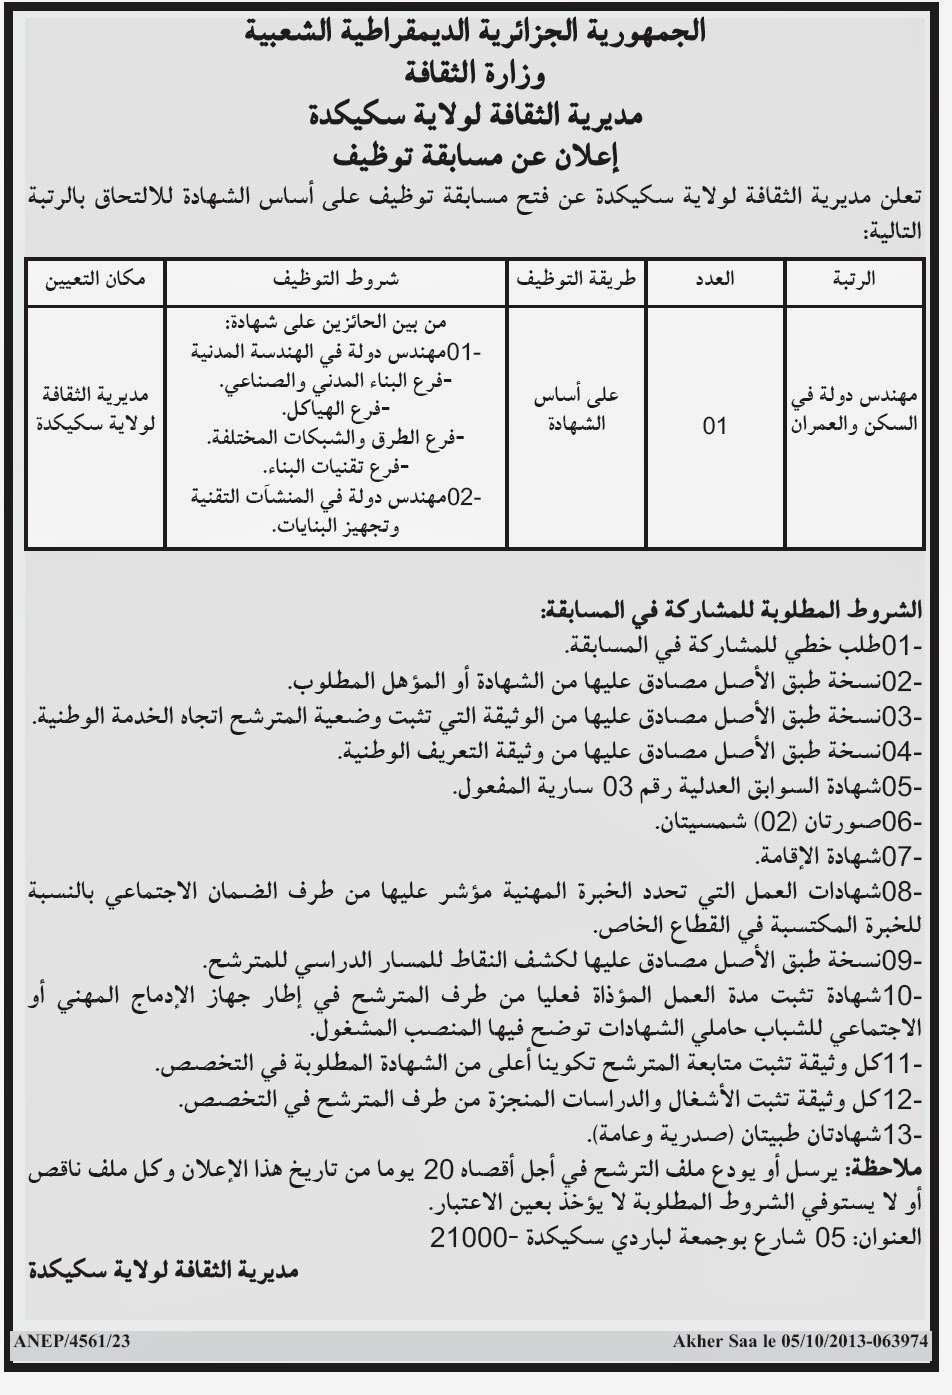 التوظيف في الجزائر : مسابقة توظيف في مديرية الثقافة لولاية سكيكدة أكتوبر2013 Recrutement+a+Skikda+2013-2014